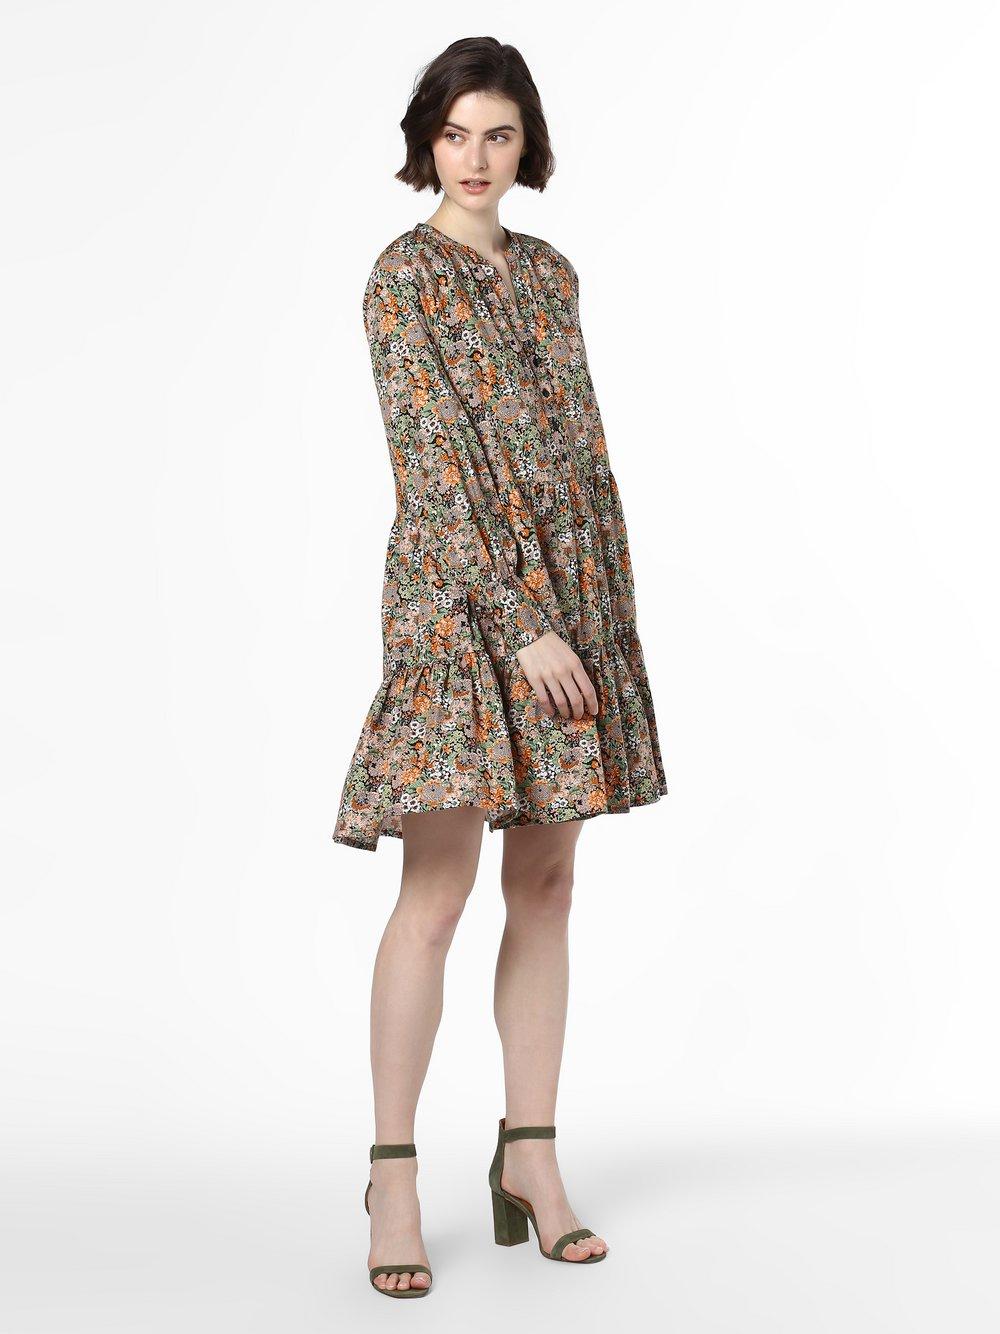 Y.A.S – Sukienka damska – Yasflorala, wielokolorowy Van Graaf 469165-0001